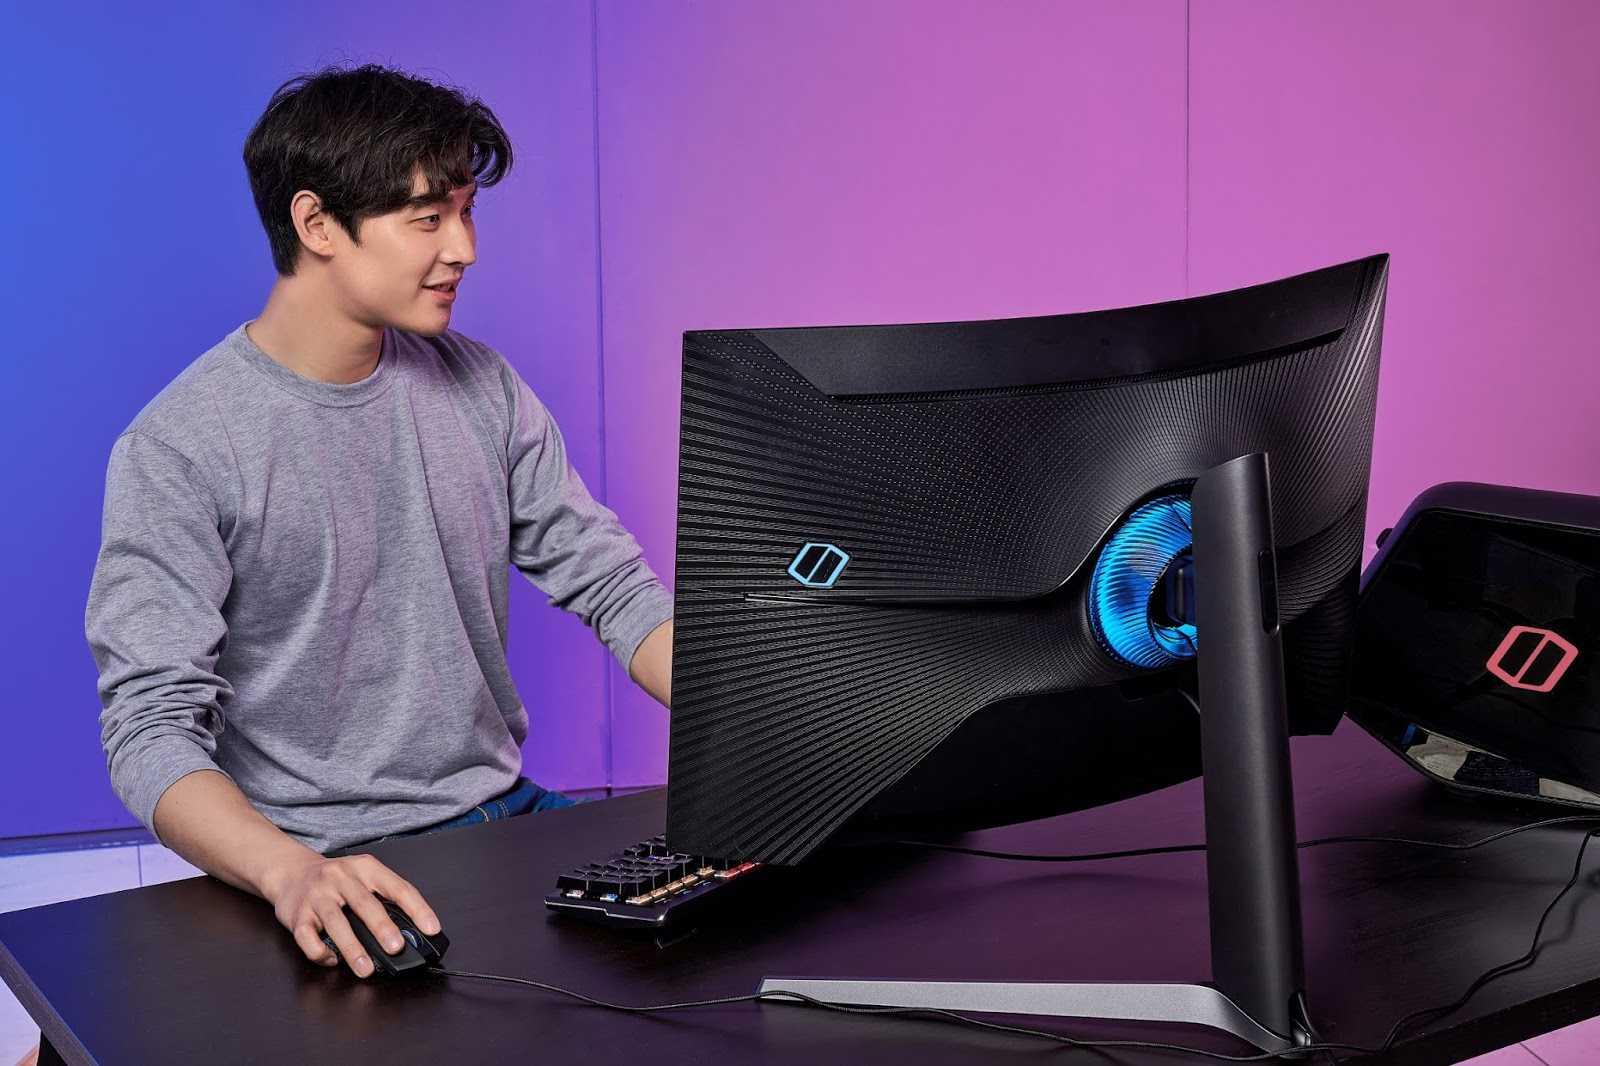 28 мая во вторник состоялась презентация новых решений компании AMD В очередной раз производитель порадовал поклонников своей продукции технологическим прорывом